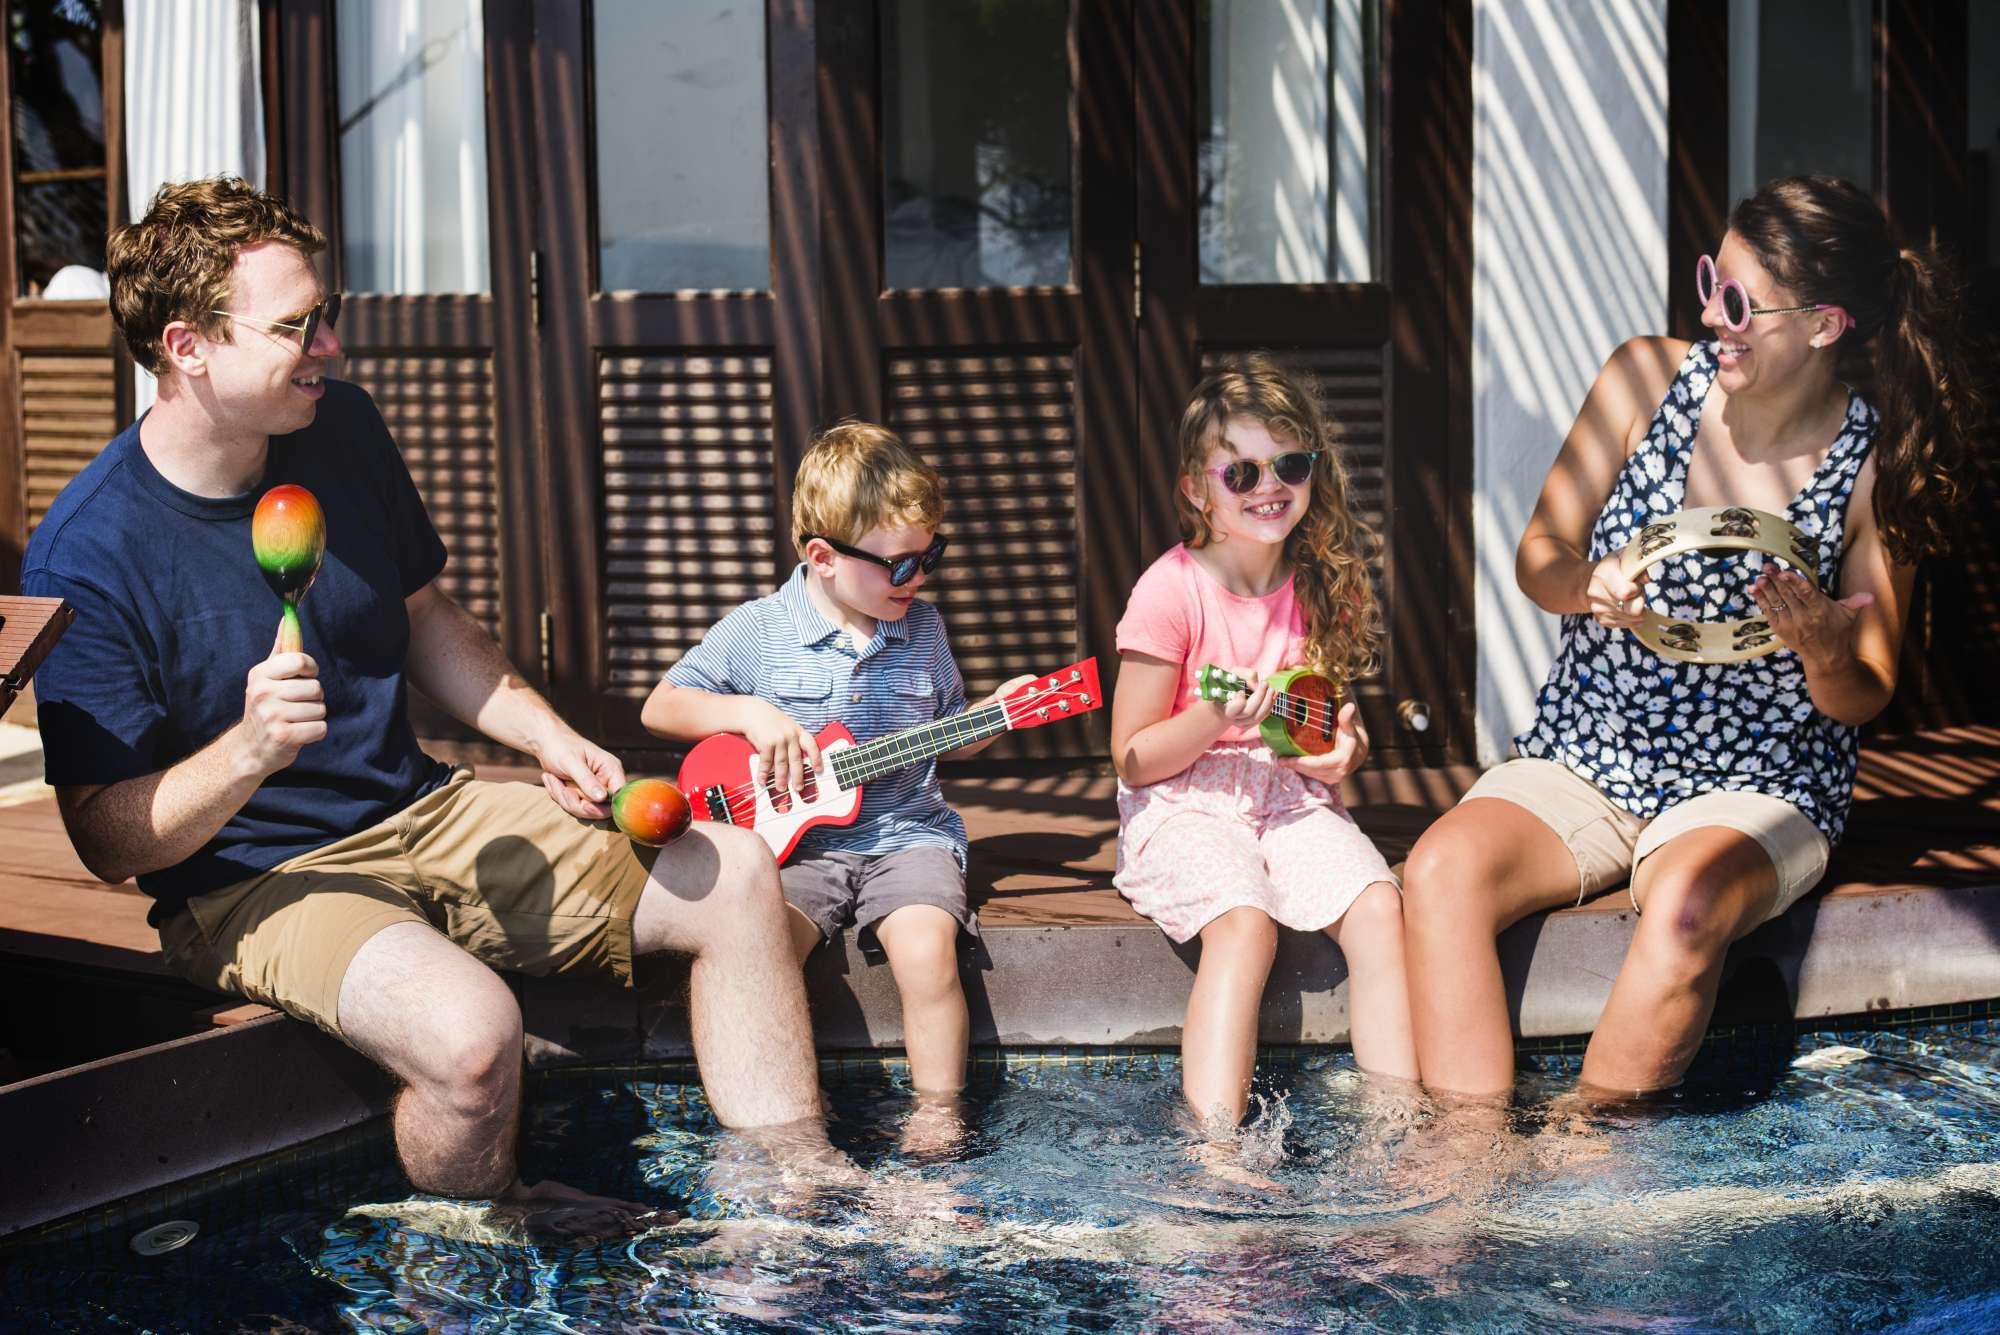 famille-jouant-musique